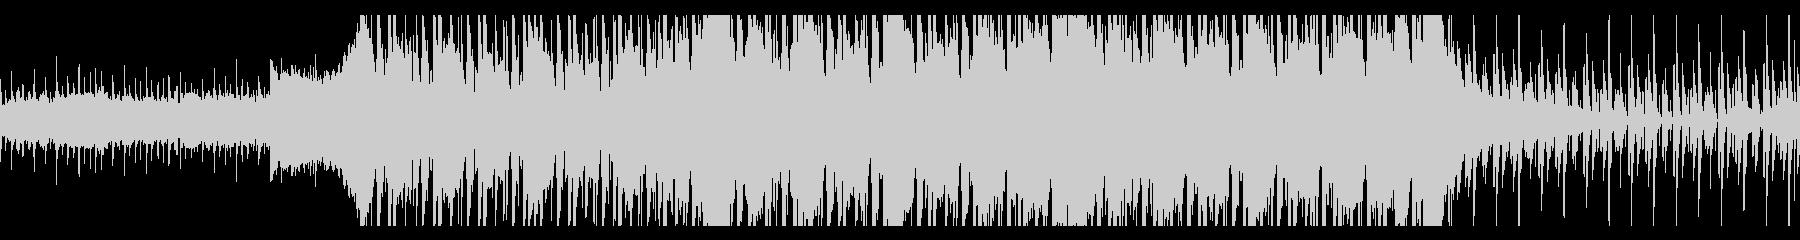 実験的な岩 バックシェイク 積極的...の未再生の波形